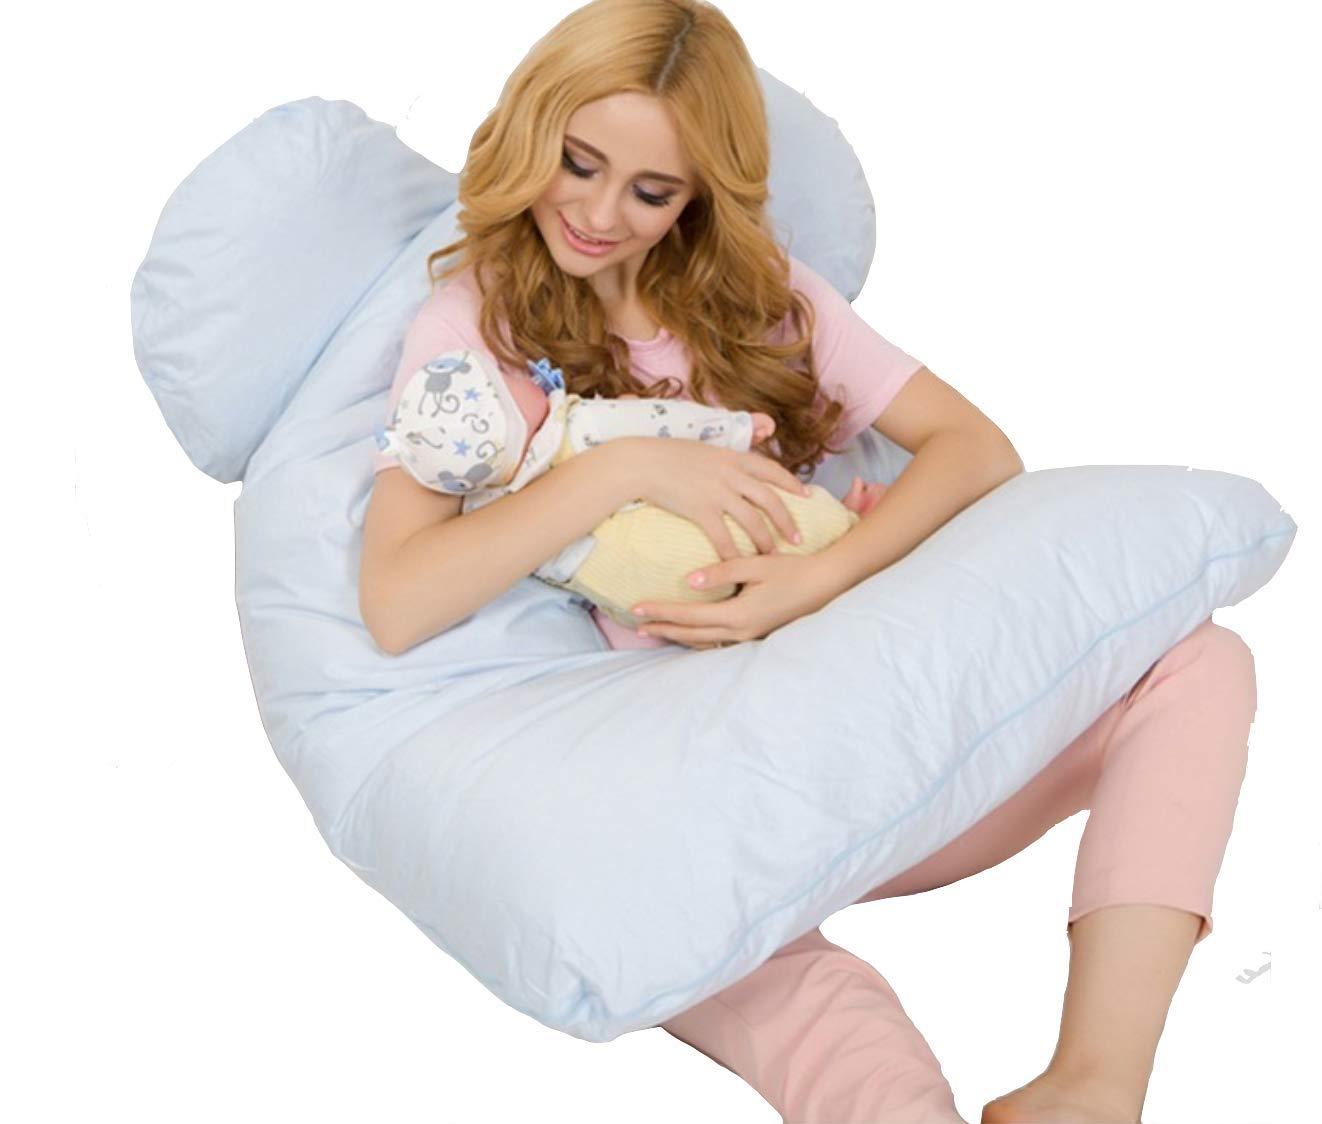 Coussin de grossesse idéal pour dormir - Oreiller de maternité et coussin d'allaitement en U. Soutient parfaitement le ventre et évite les douleurs de dos (Coloris au choix - 130x70cm) Mater & Co